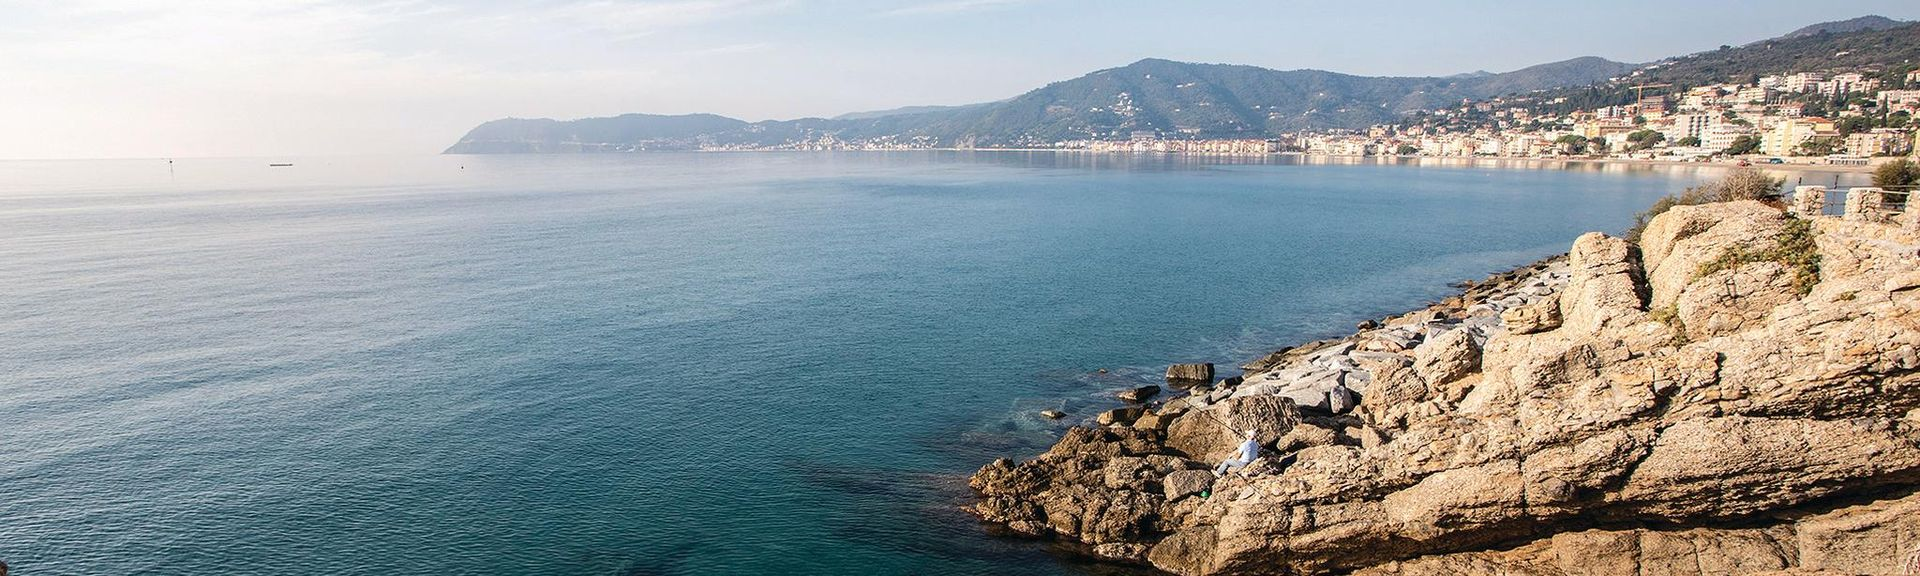 Onzo, Liguria, Italy